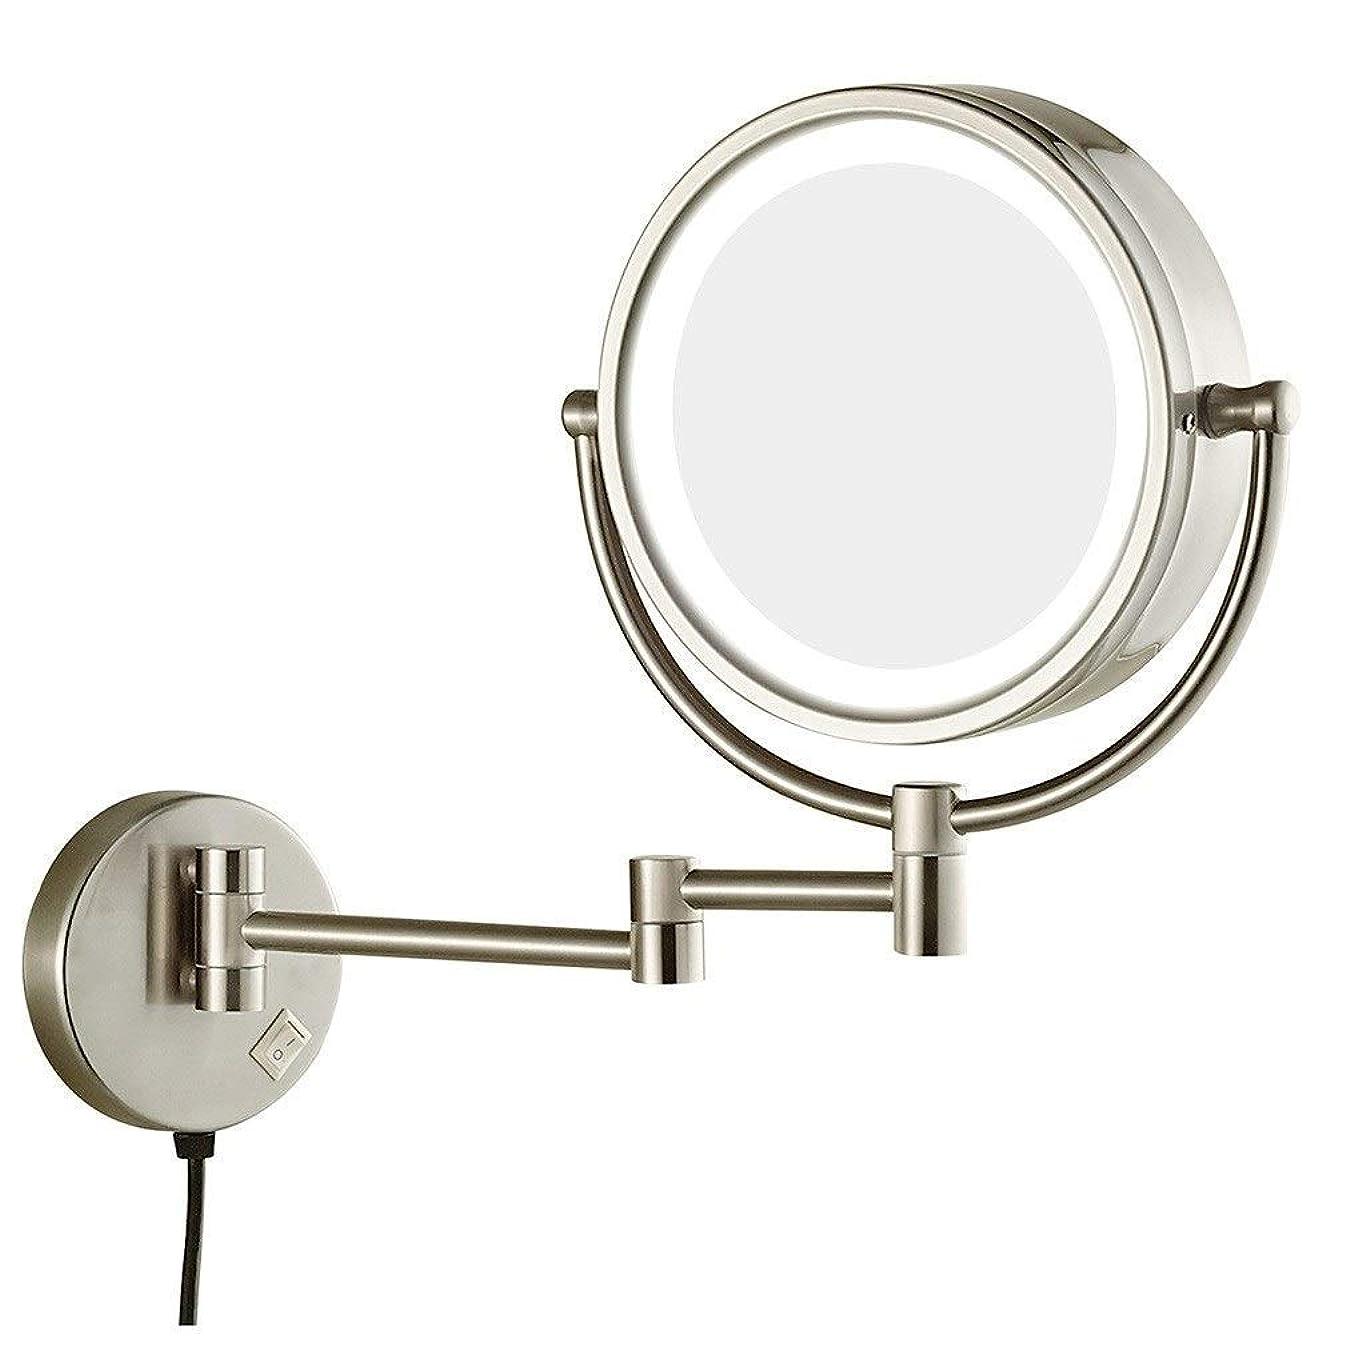 ぜいたくマット深い両面卓上化粧鏡、8インチLED化粧鏡付き調整可能なアームチルト簡単に配置7X拡大鏡付き壁掛けバニティミラー(色:ニッケルメッキ、サイズ:8インチ7X)